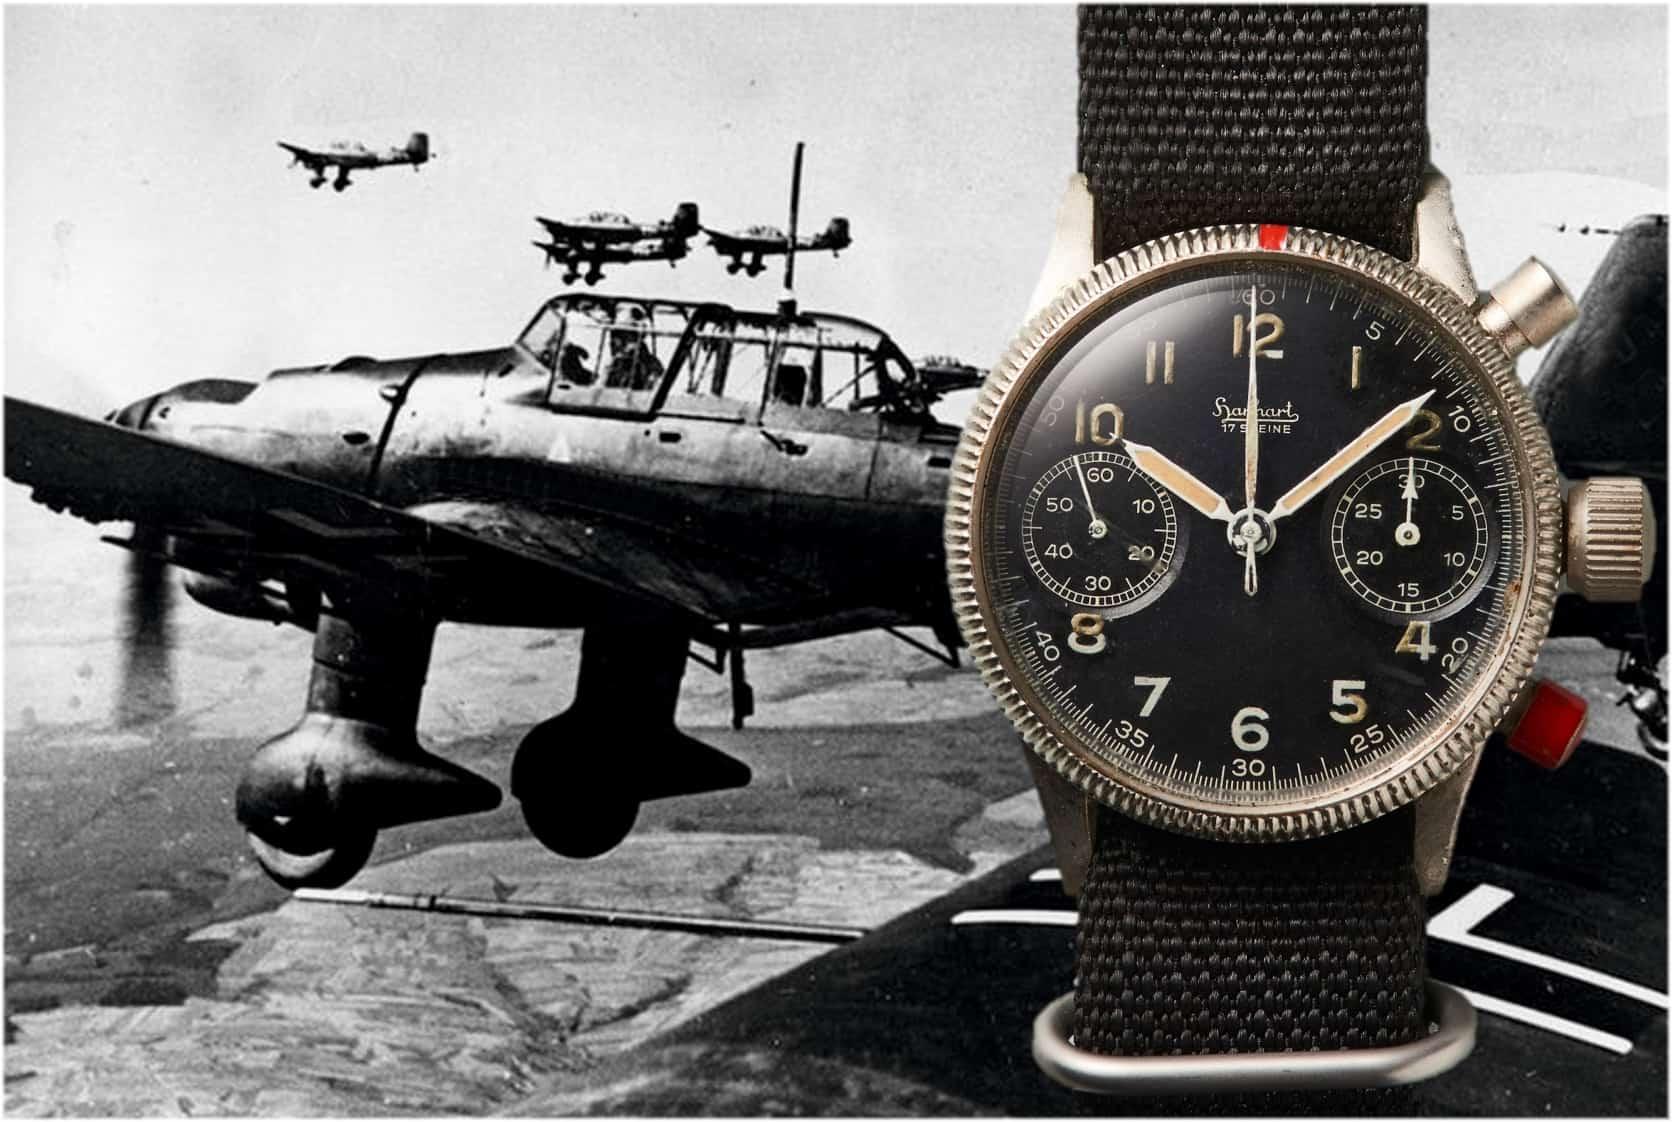 Hanhart Flieger Chronograph aus dem Jahr 1939 im militärischen Einsatz